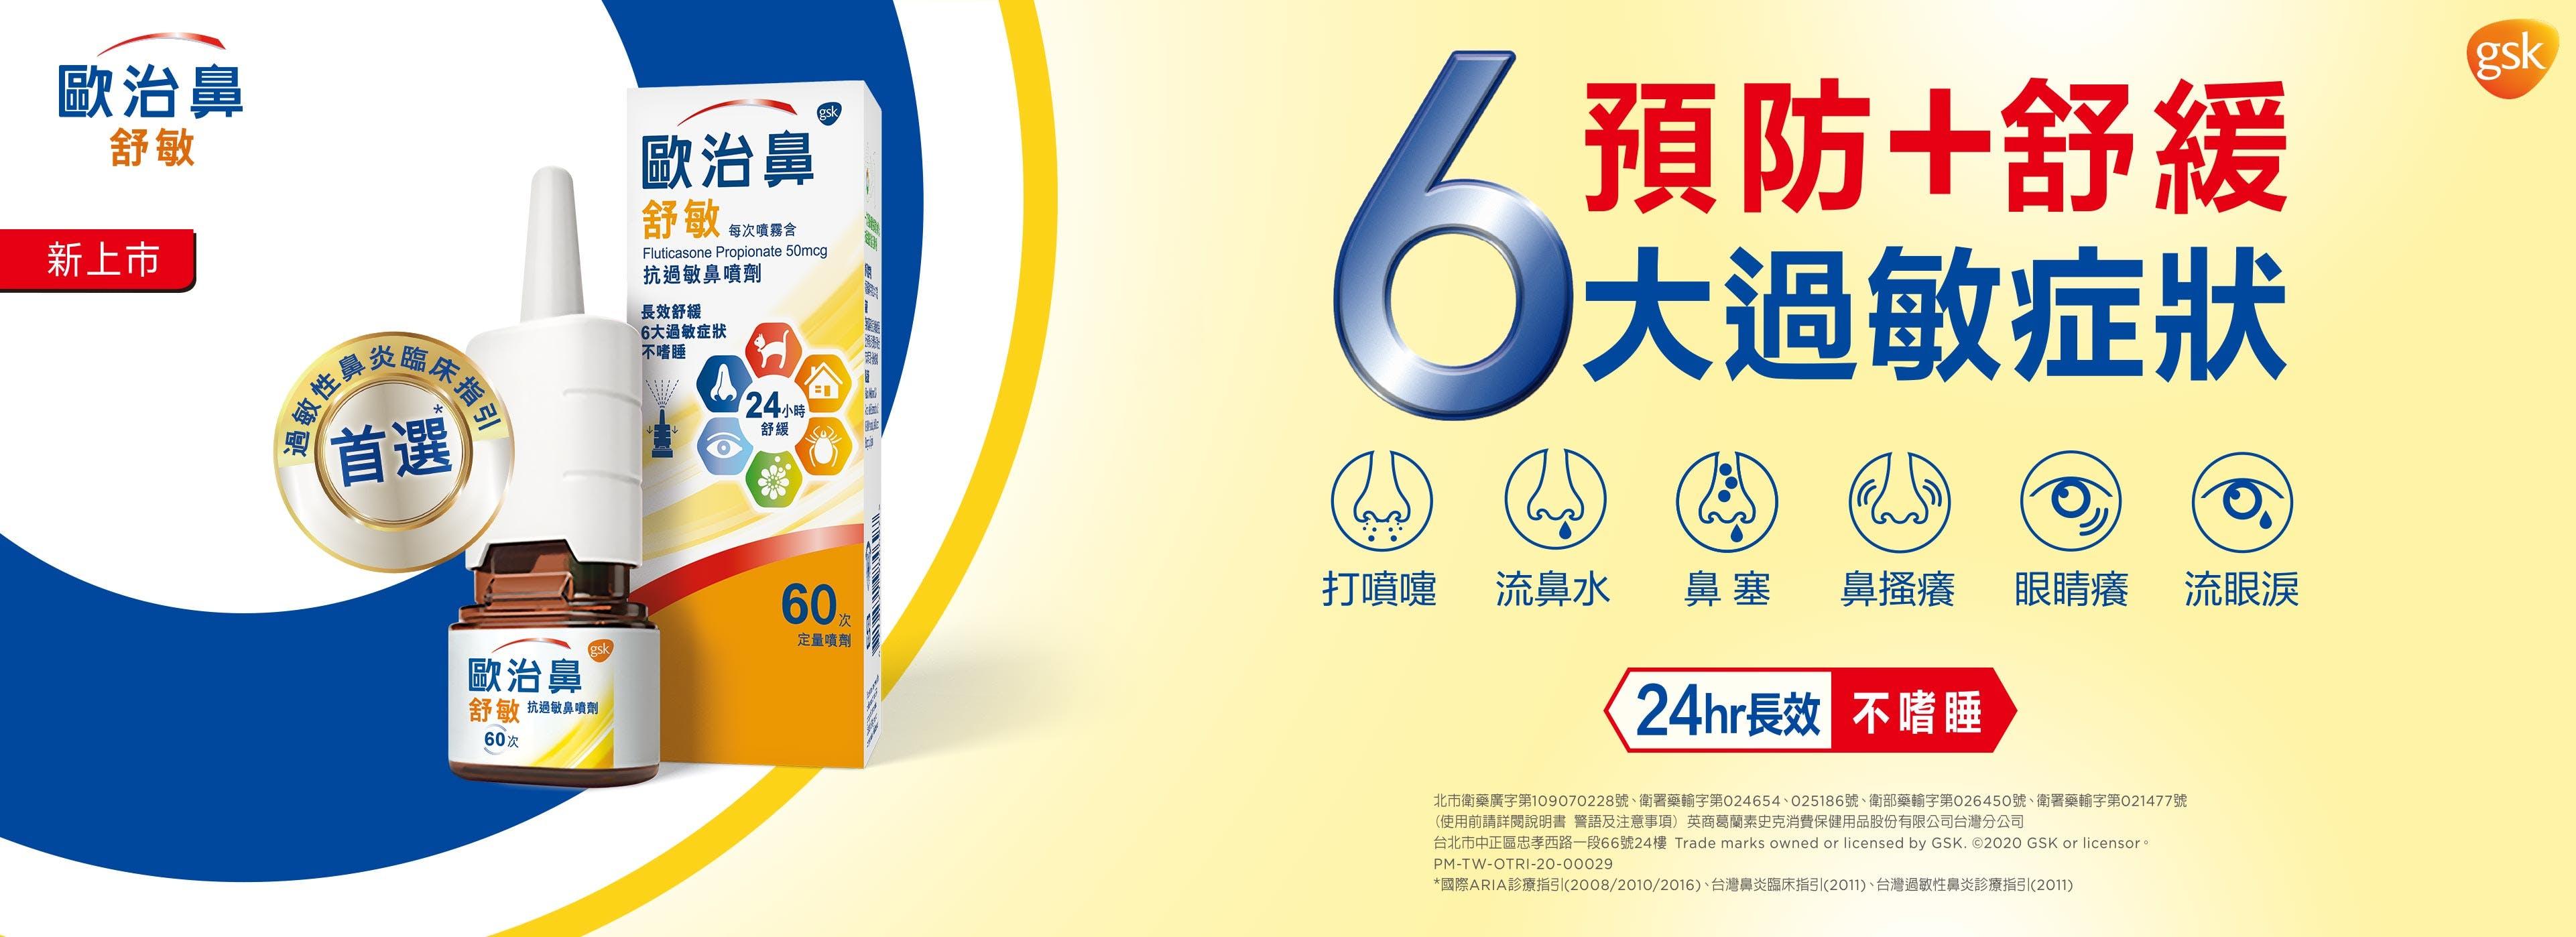 歐治鼻舒敏 / 抗過敏鼻噴劑 預防舒緩6大過敏症狀